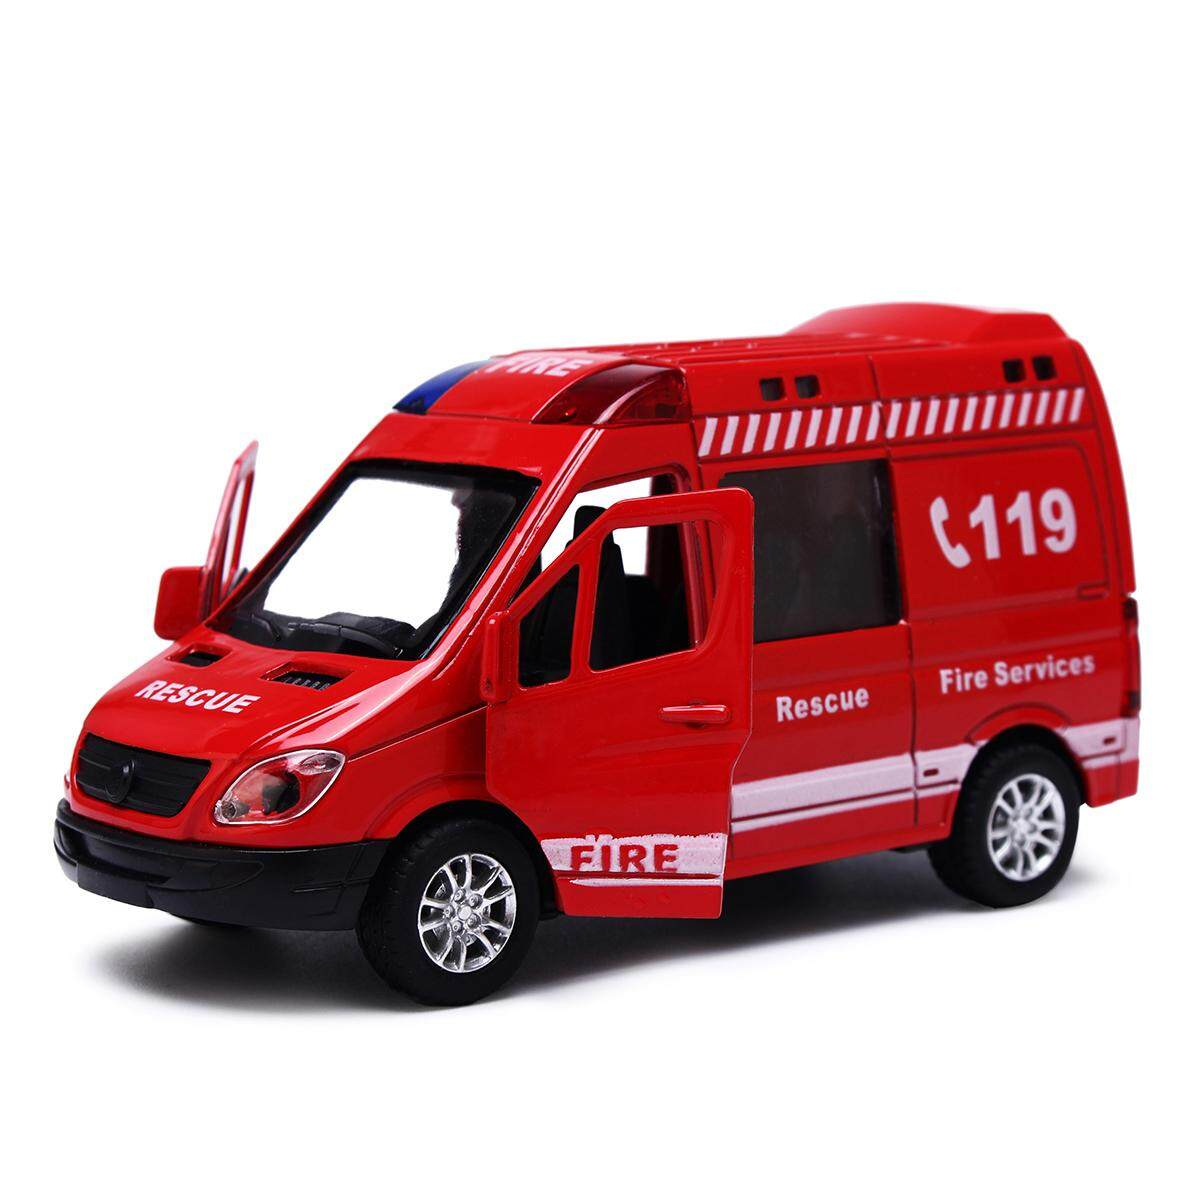 1:36 Api Simulasi Truk Ambulans Polisi Model Mobil Mainan Anak-Anak Anak Hadiah Merah Api Truk-Internasional By Freebang.